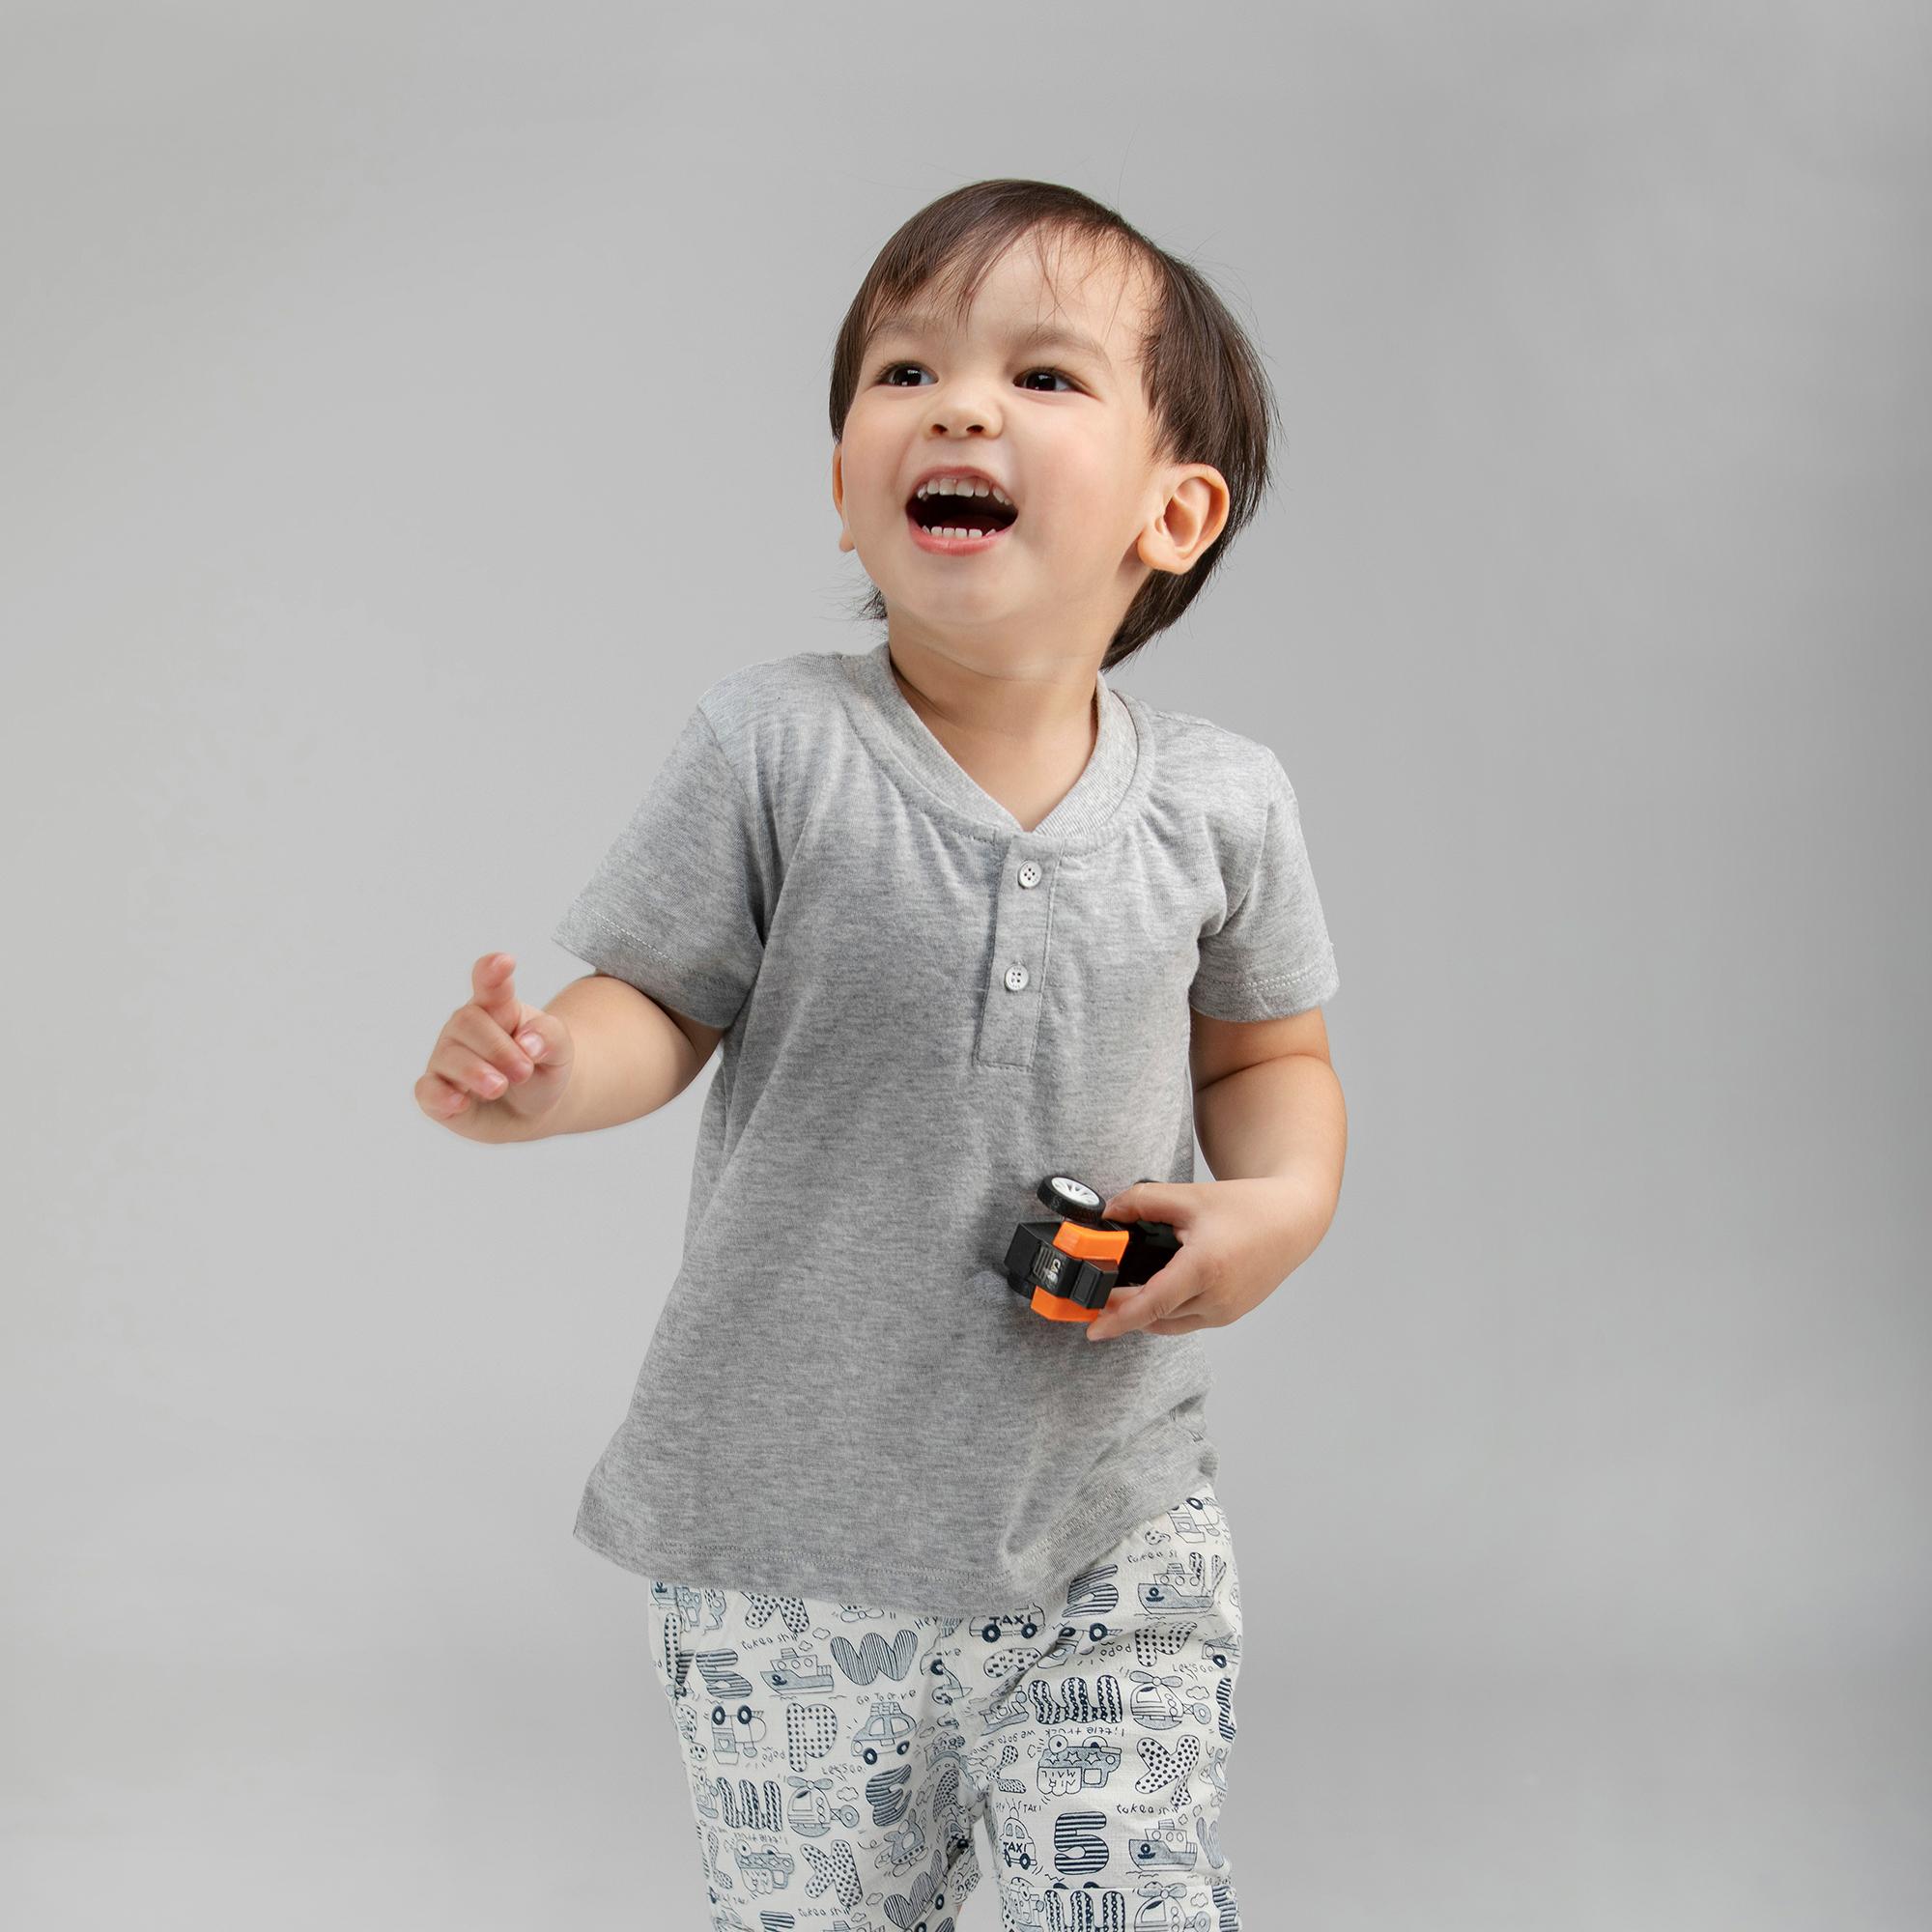 Áo thun cổ trụ BAA BABY ngắn tay in họa tiết cho bé trai từ 9 tháng-5 tuổi - BT-AT05N